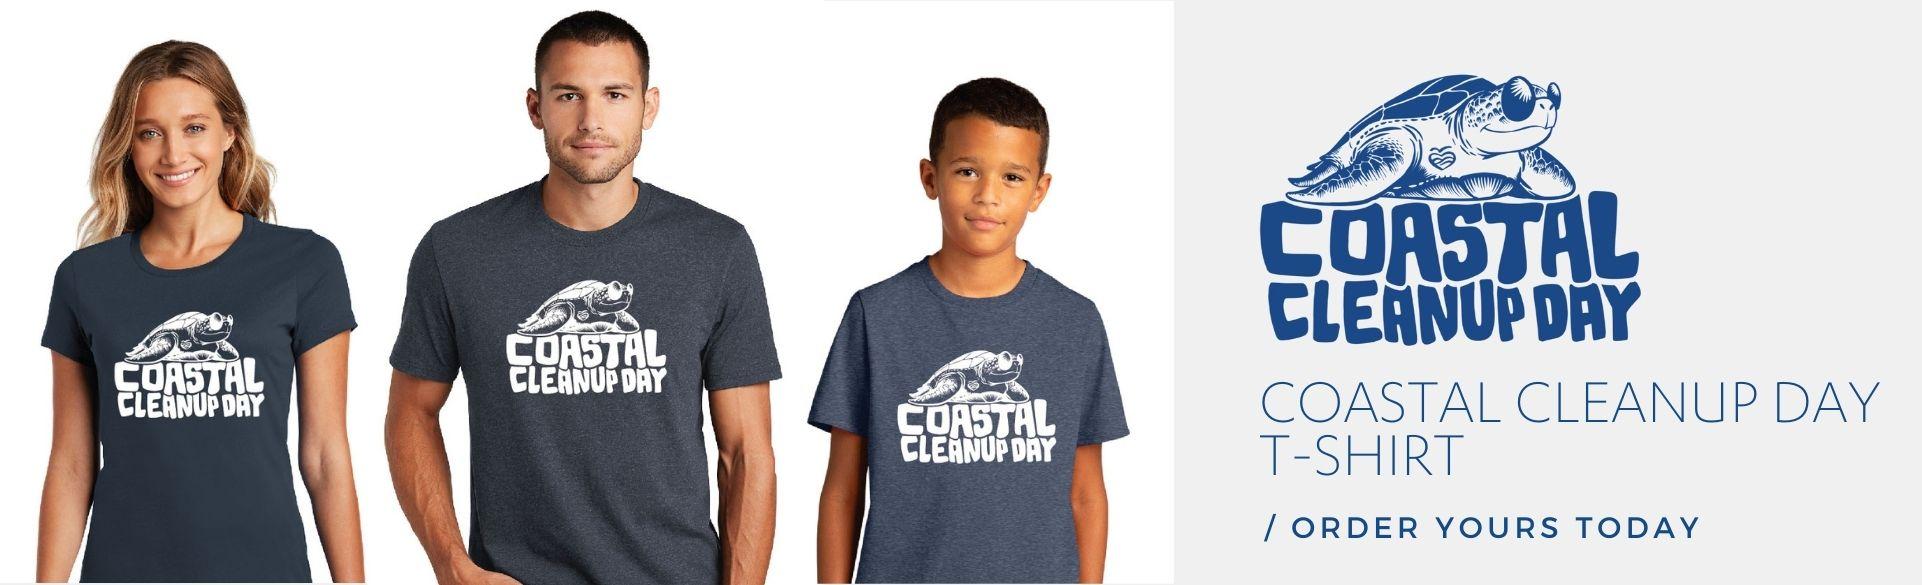 CCD T-Shirt Web Banner (1)